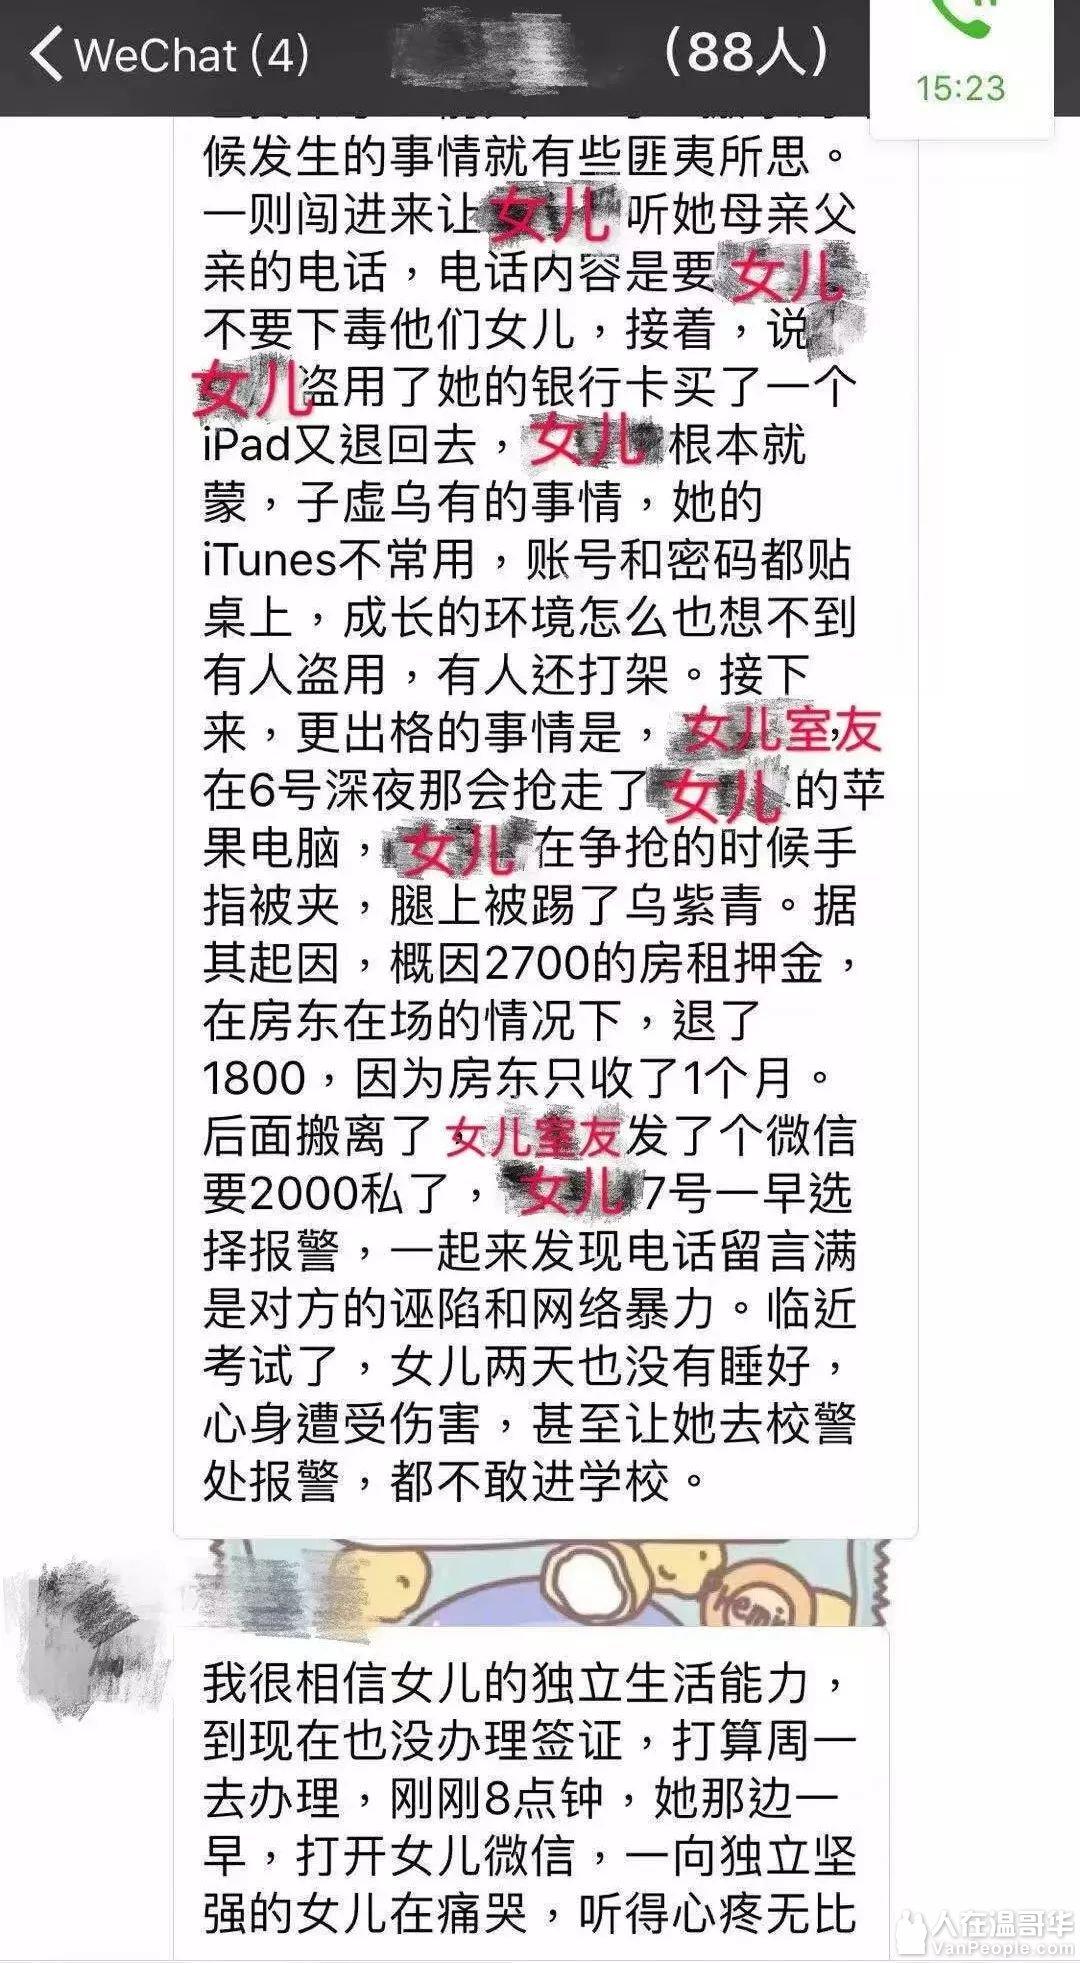 """UTSG留学生室友澄清:""""盗刷""""事件是被陷害,已报警!"""